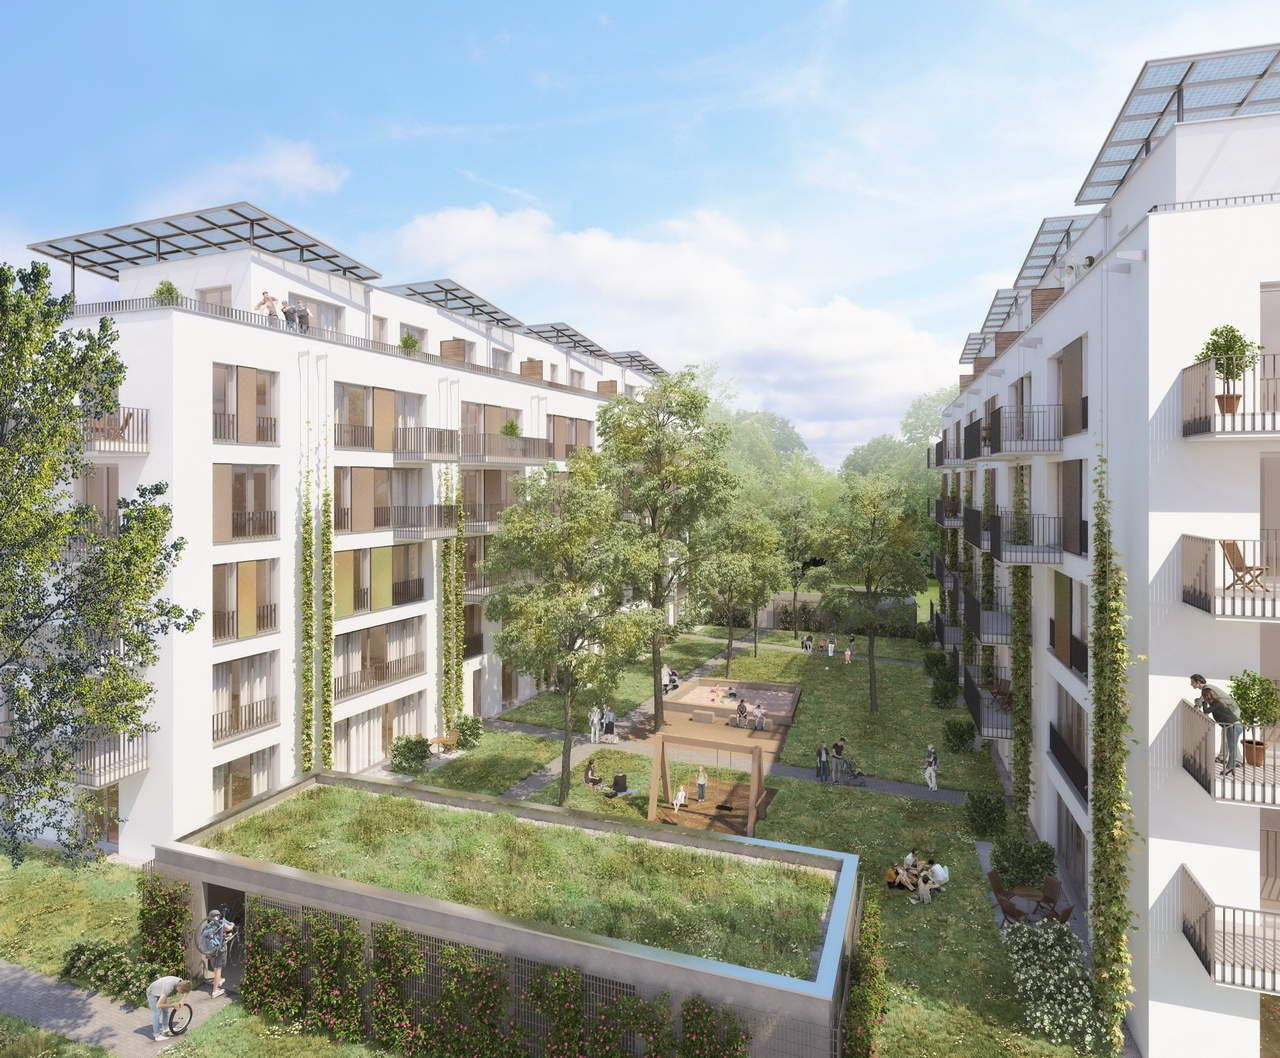 Architektur Freiburg architekturvisualisierung wohnungsbau berlin möckernkiez entwurf